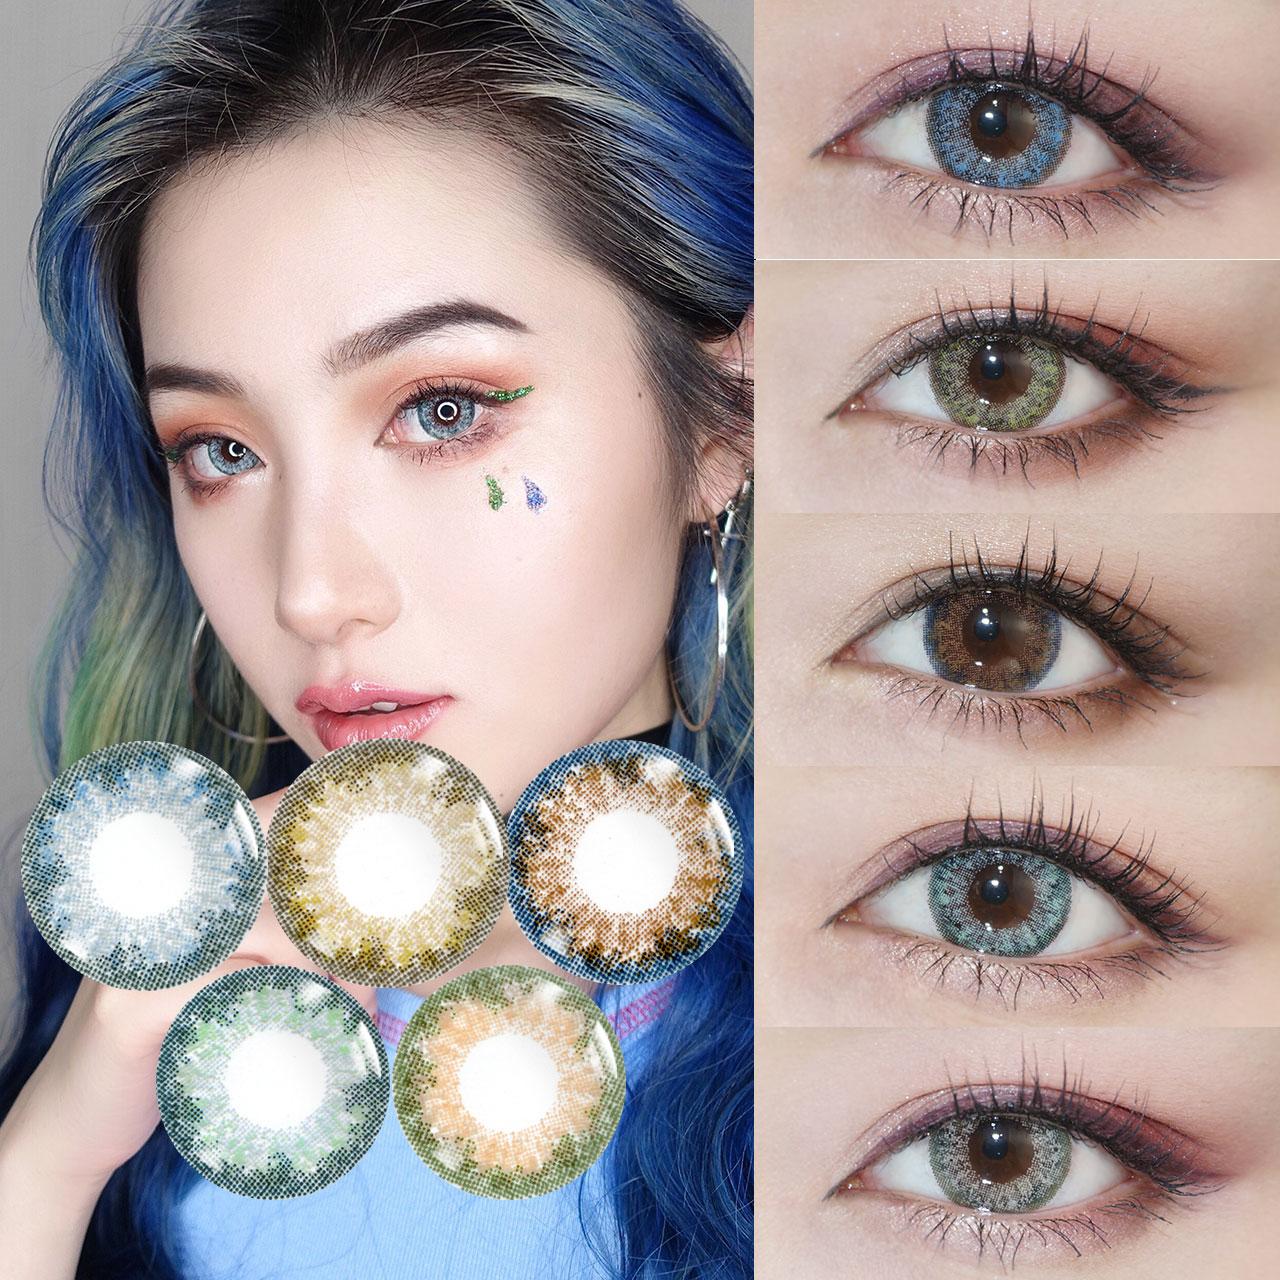 韩国DREAMCON混血美瞳大小直径灰色蓝色彩色隐形近视眼镜年抛KB